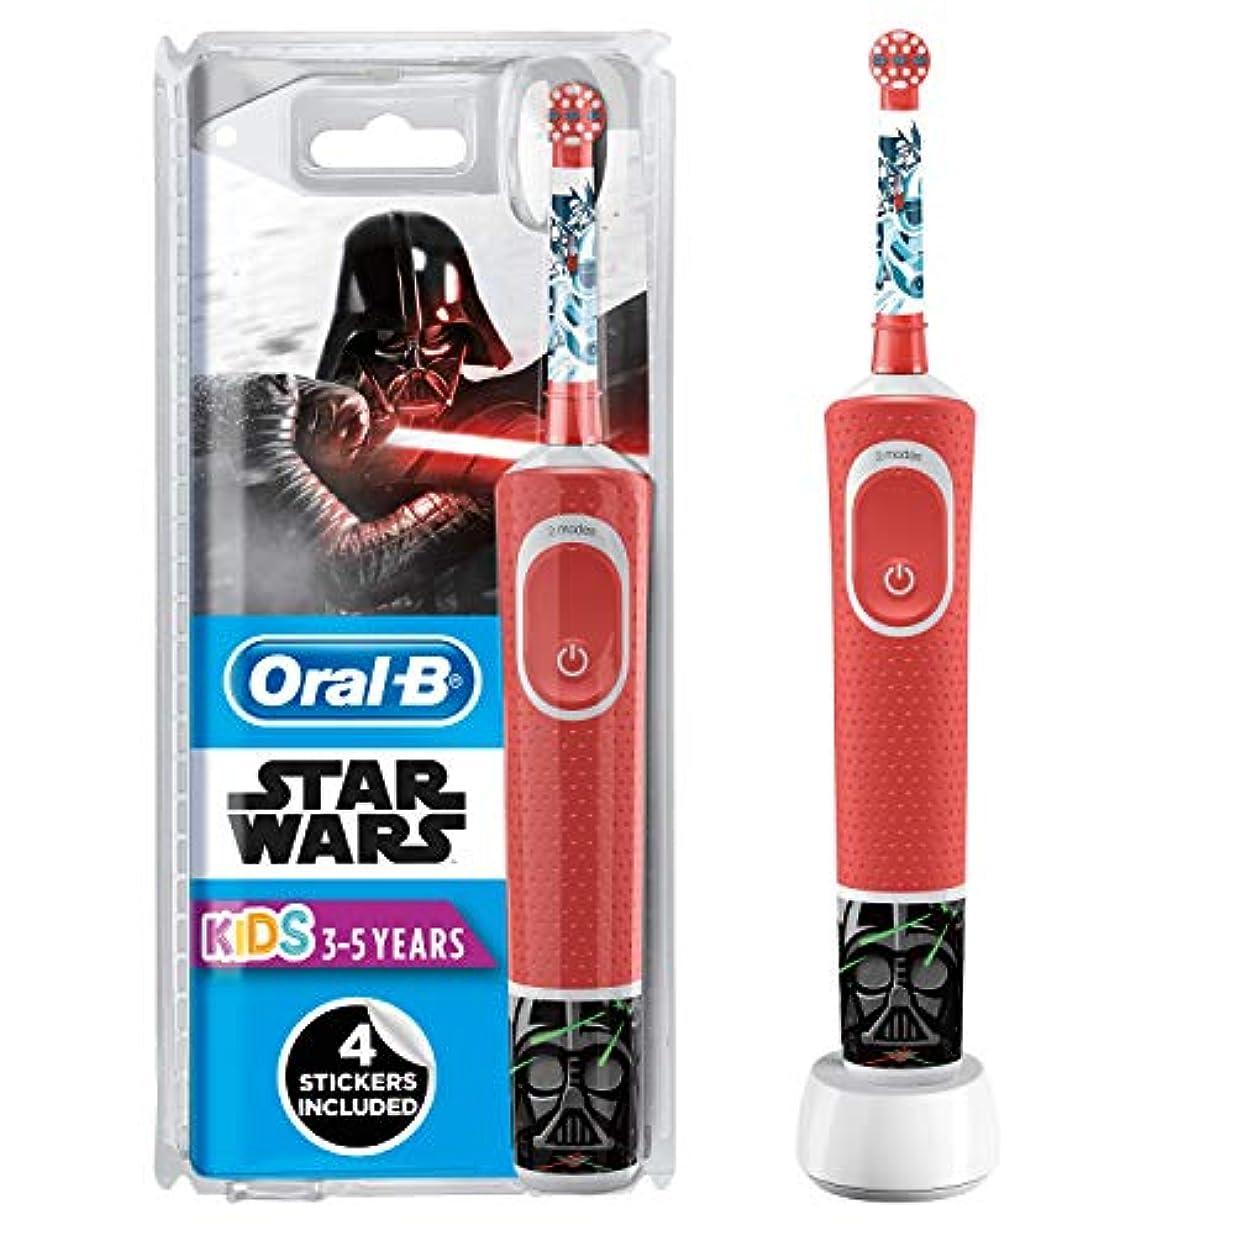 反発する認証概要オーラルB ステージパワーキッズ スターウォーズ 充電式電動歯ブラシ 並行輸入品 海外発送